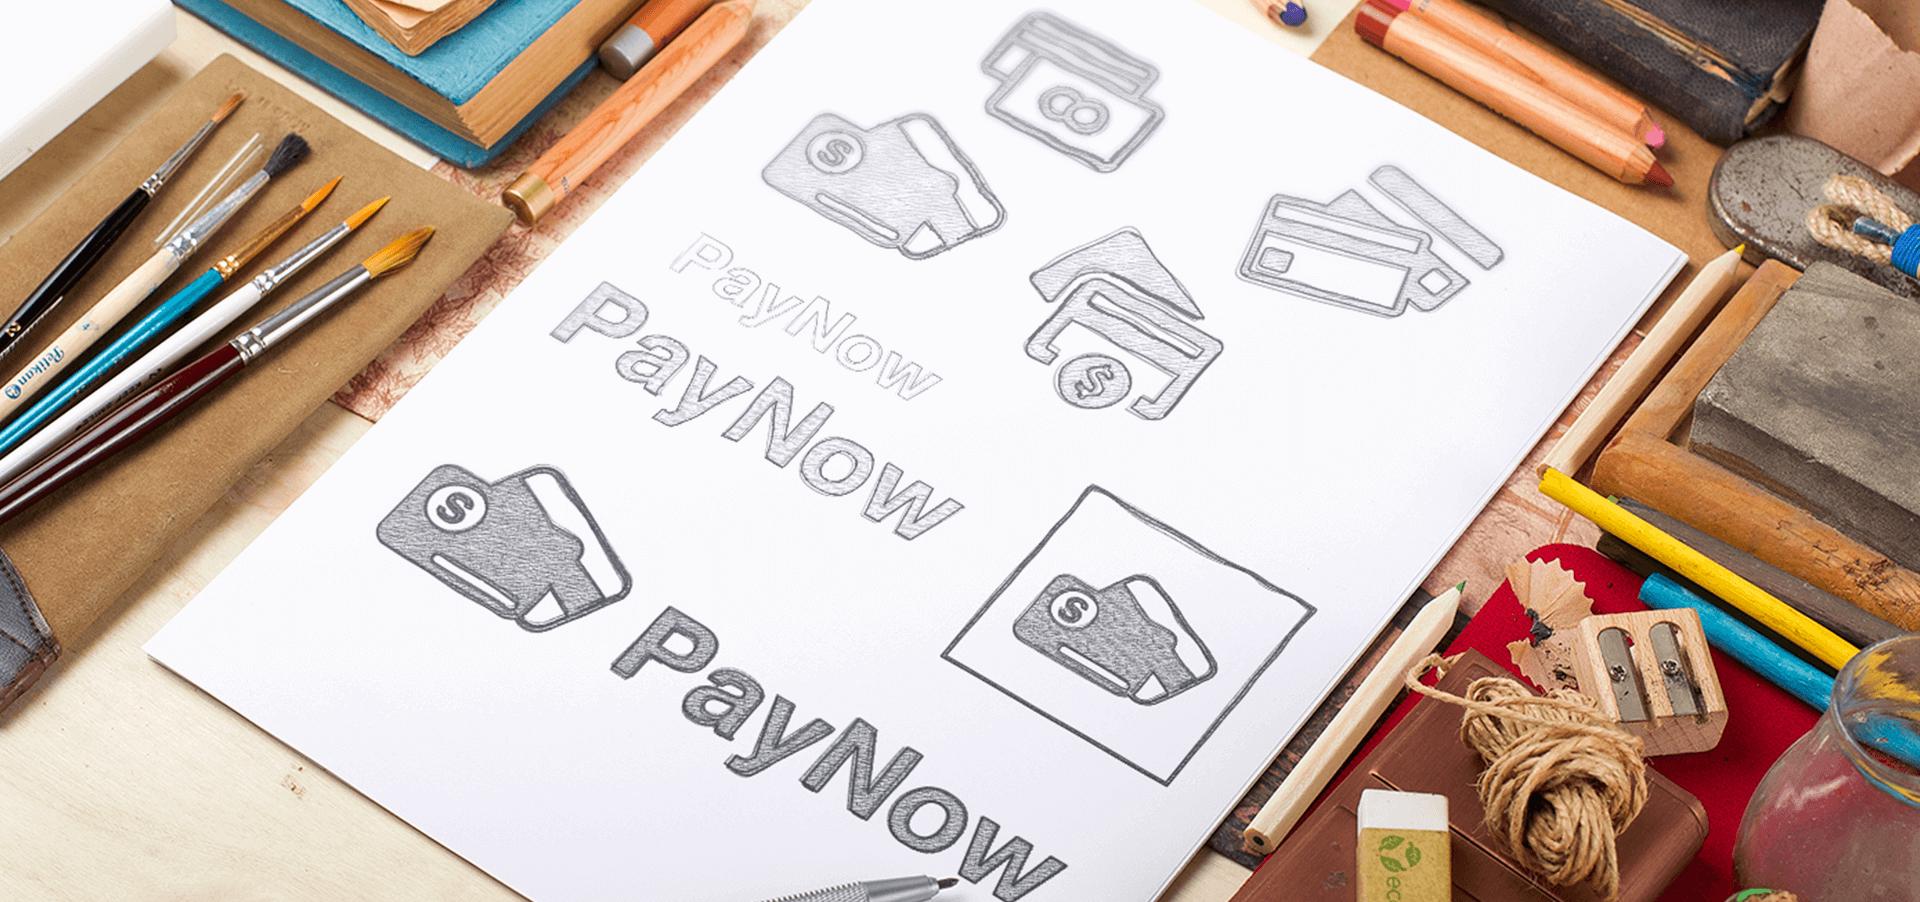 Paynow for Stripe app icon design